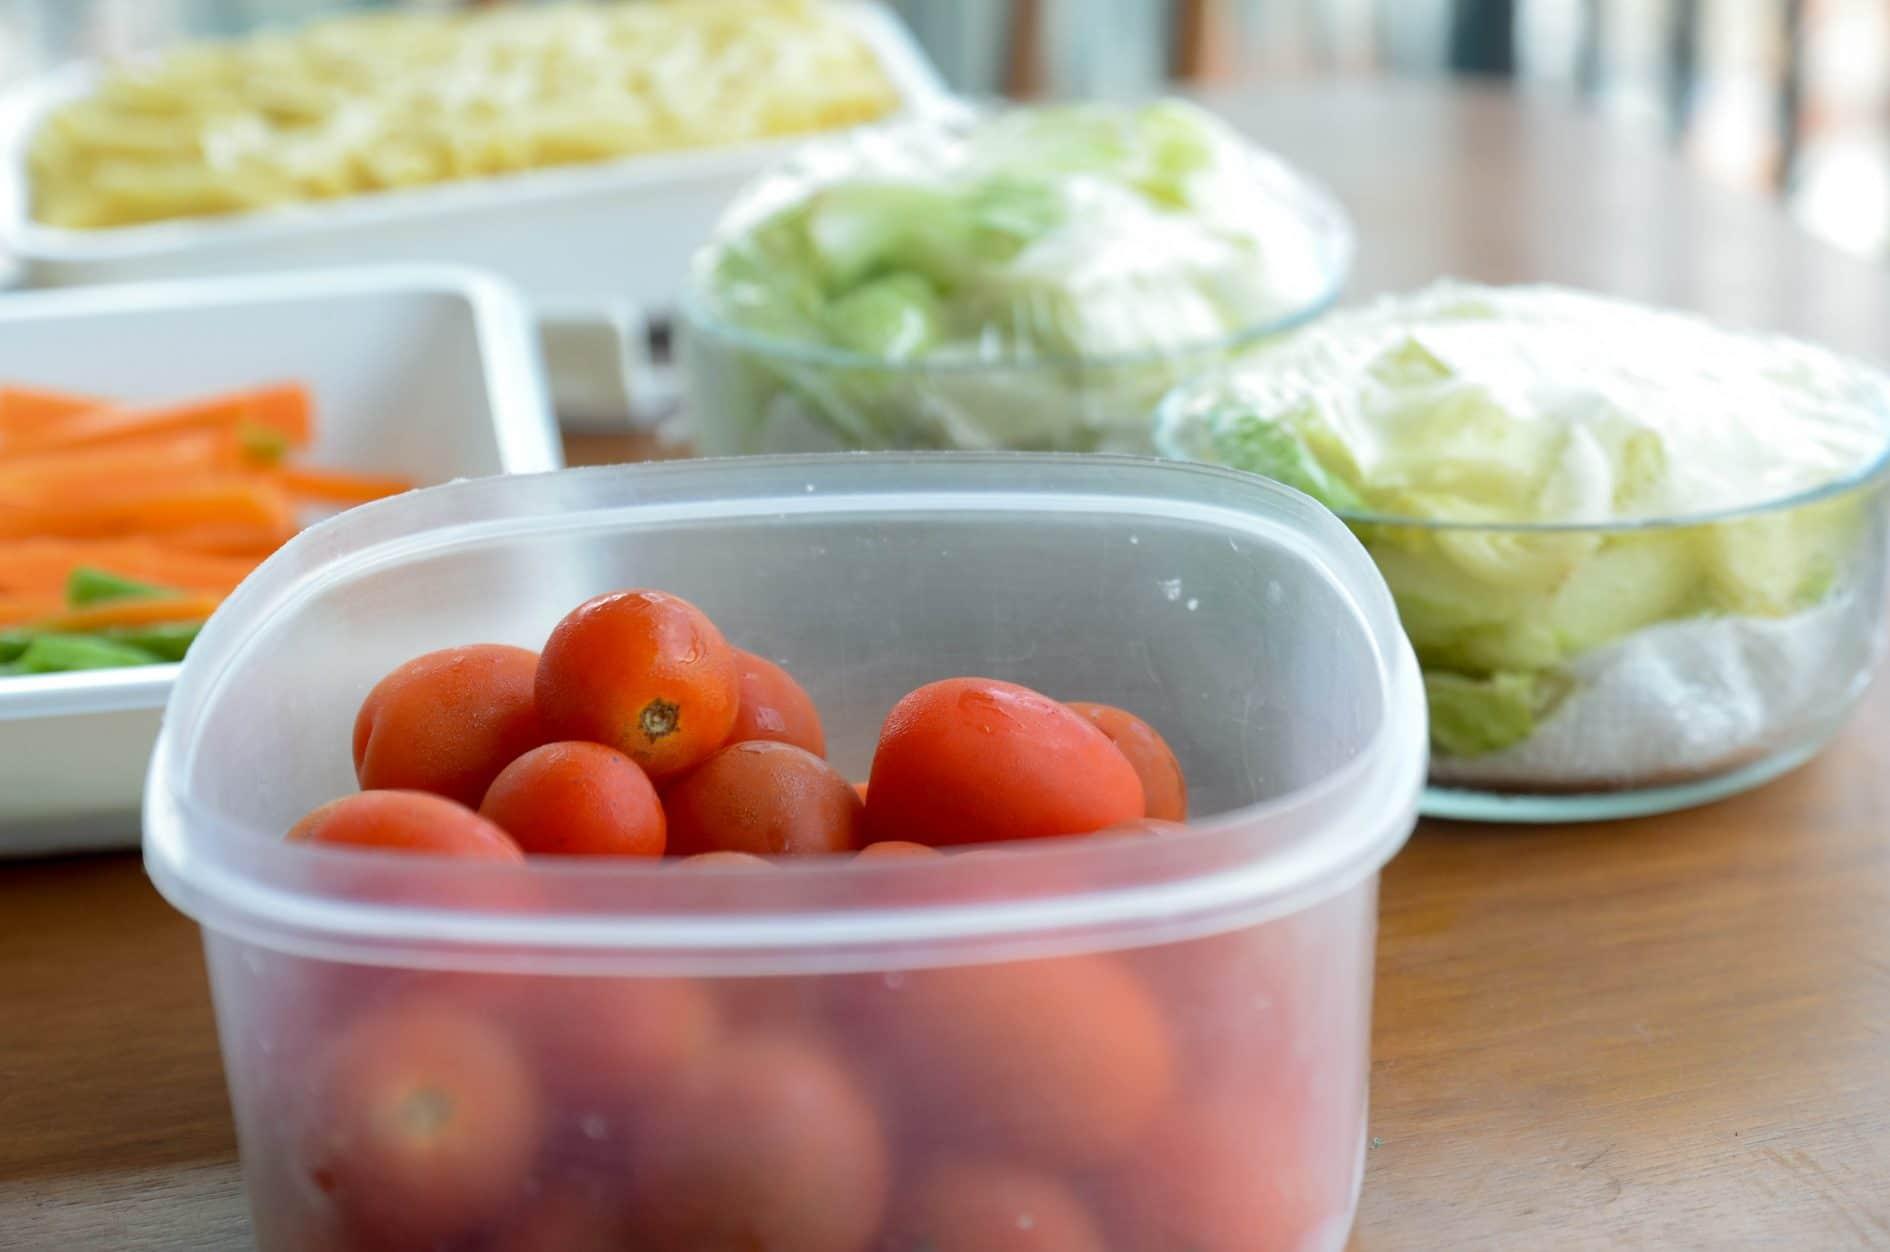 saladas prontas para a semana toda - cozinhando em lote